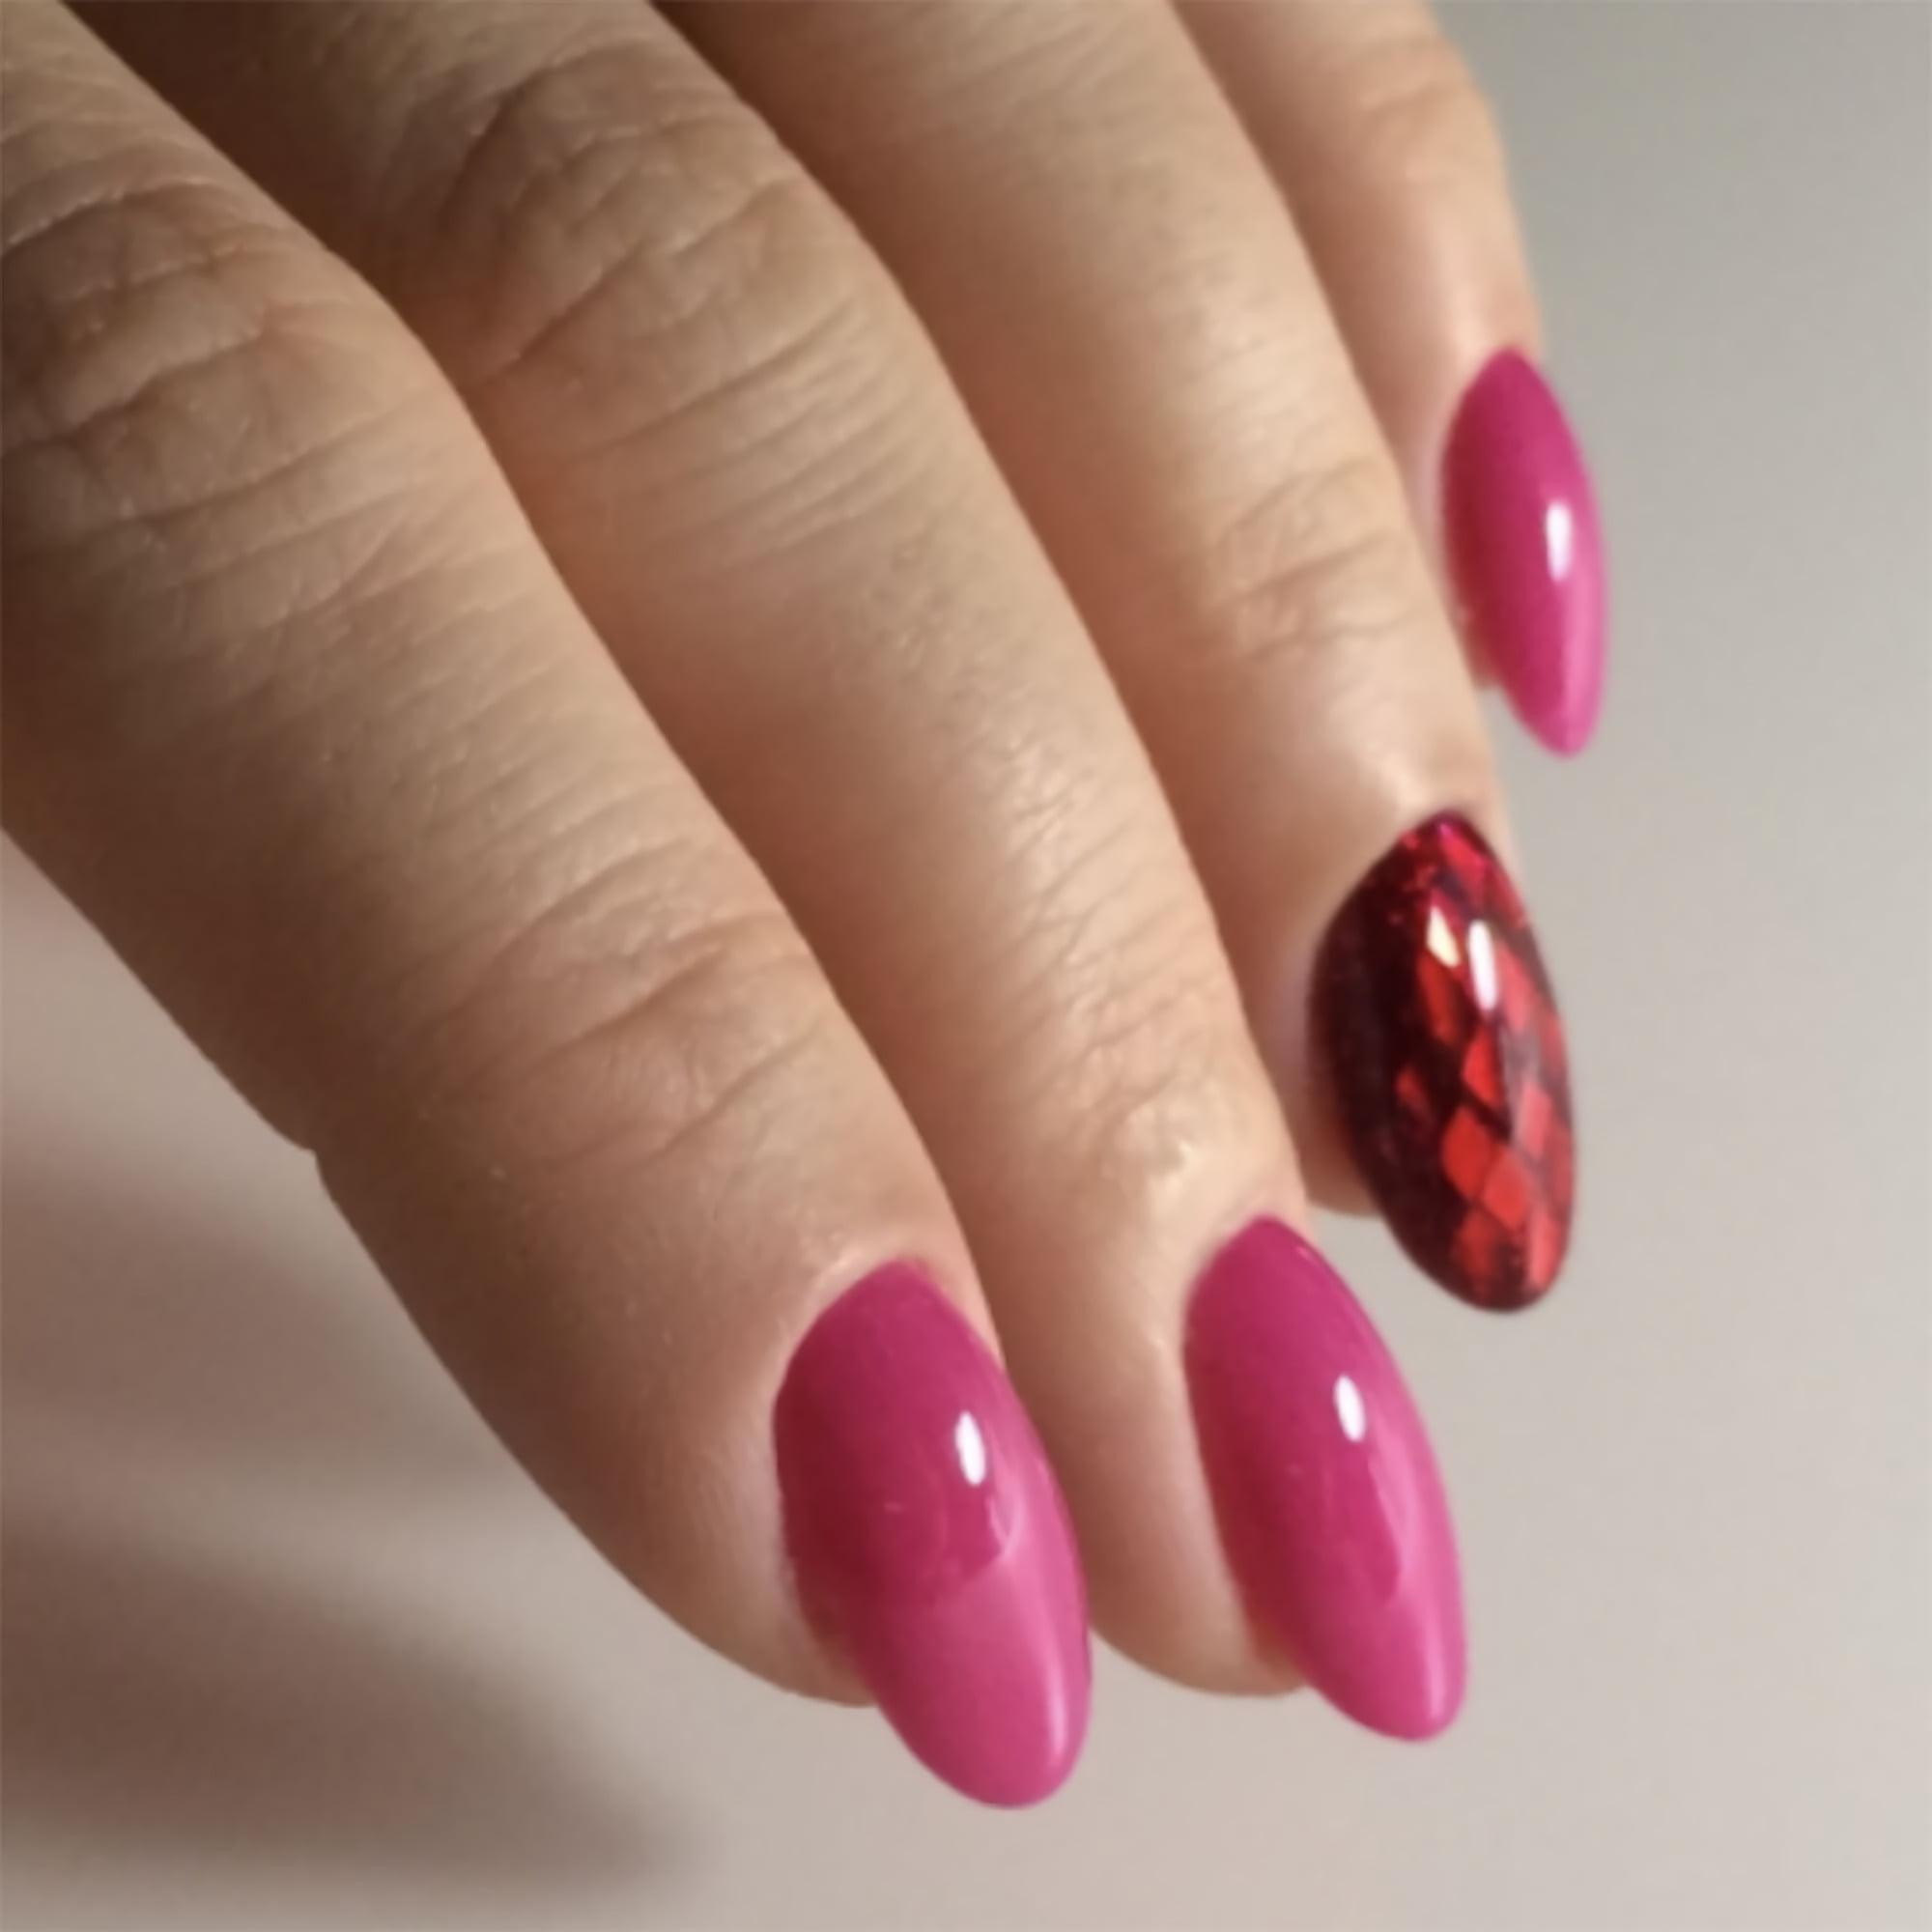 fat nails